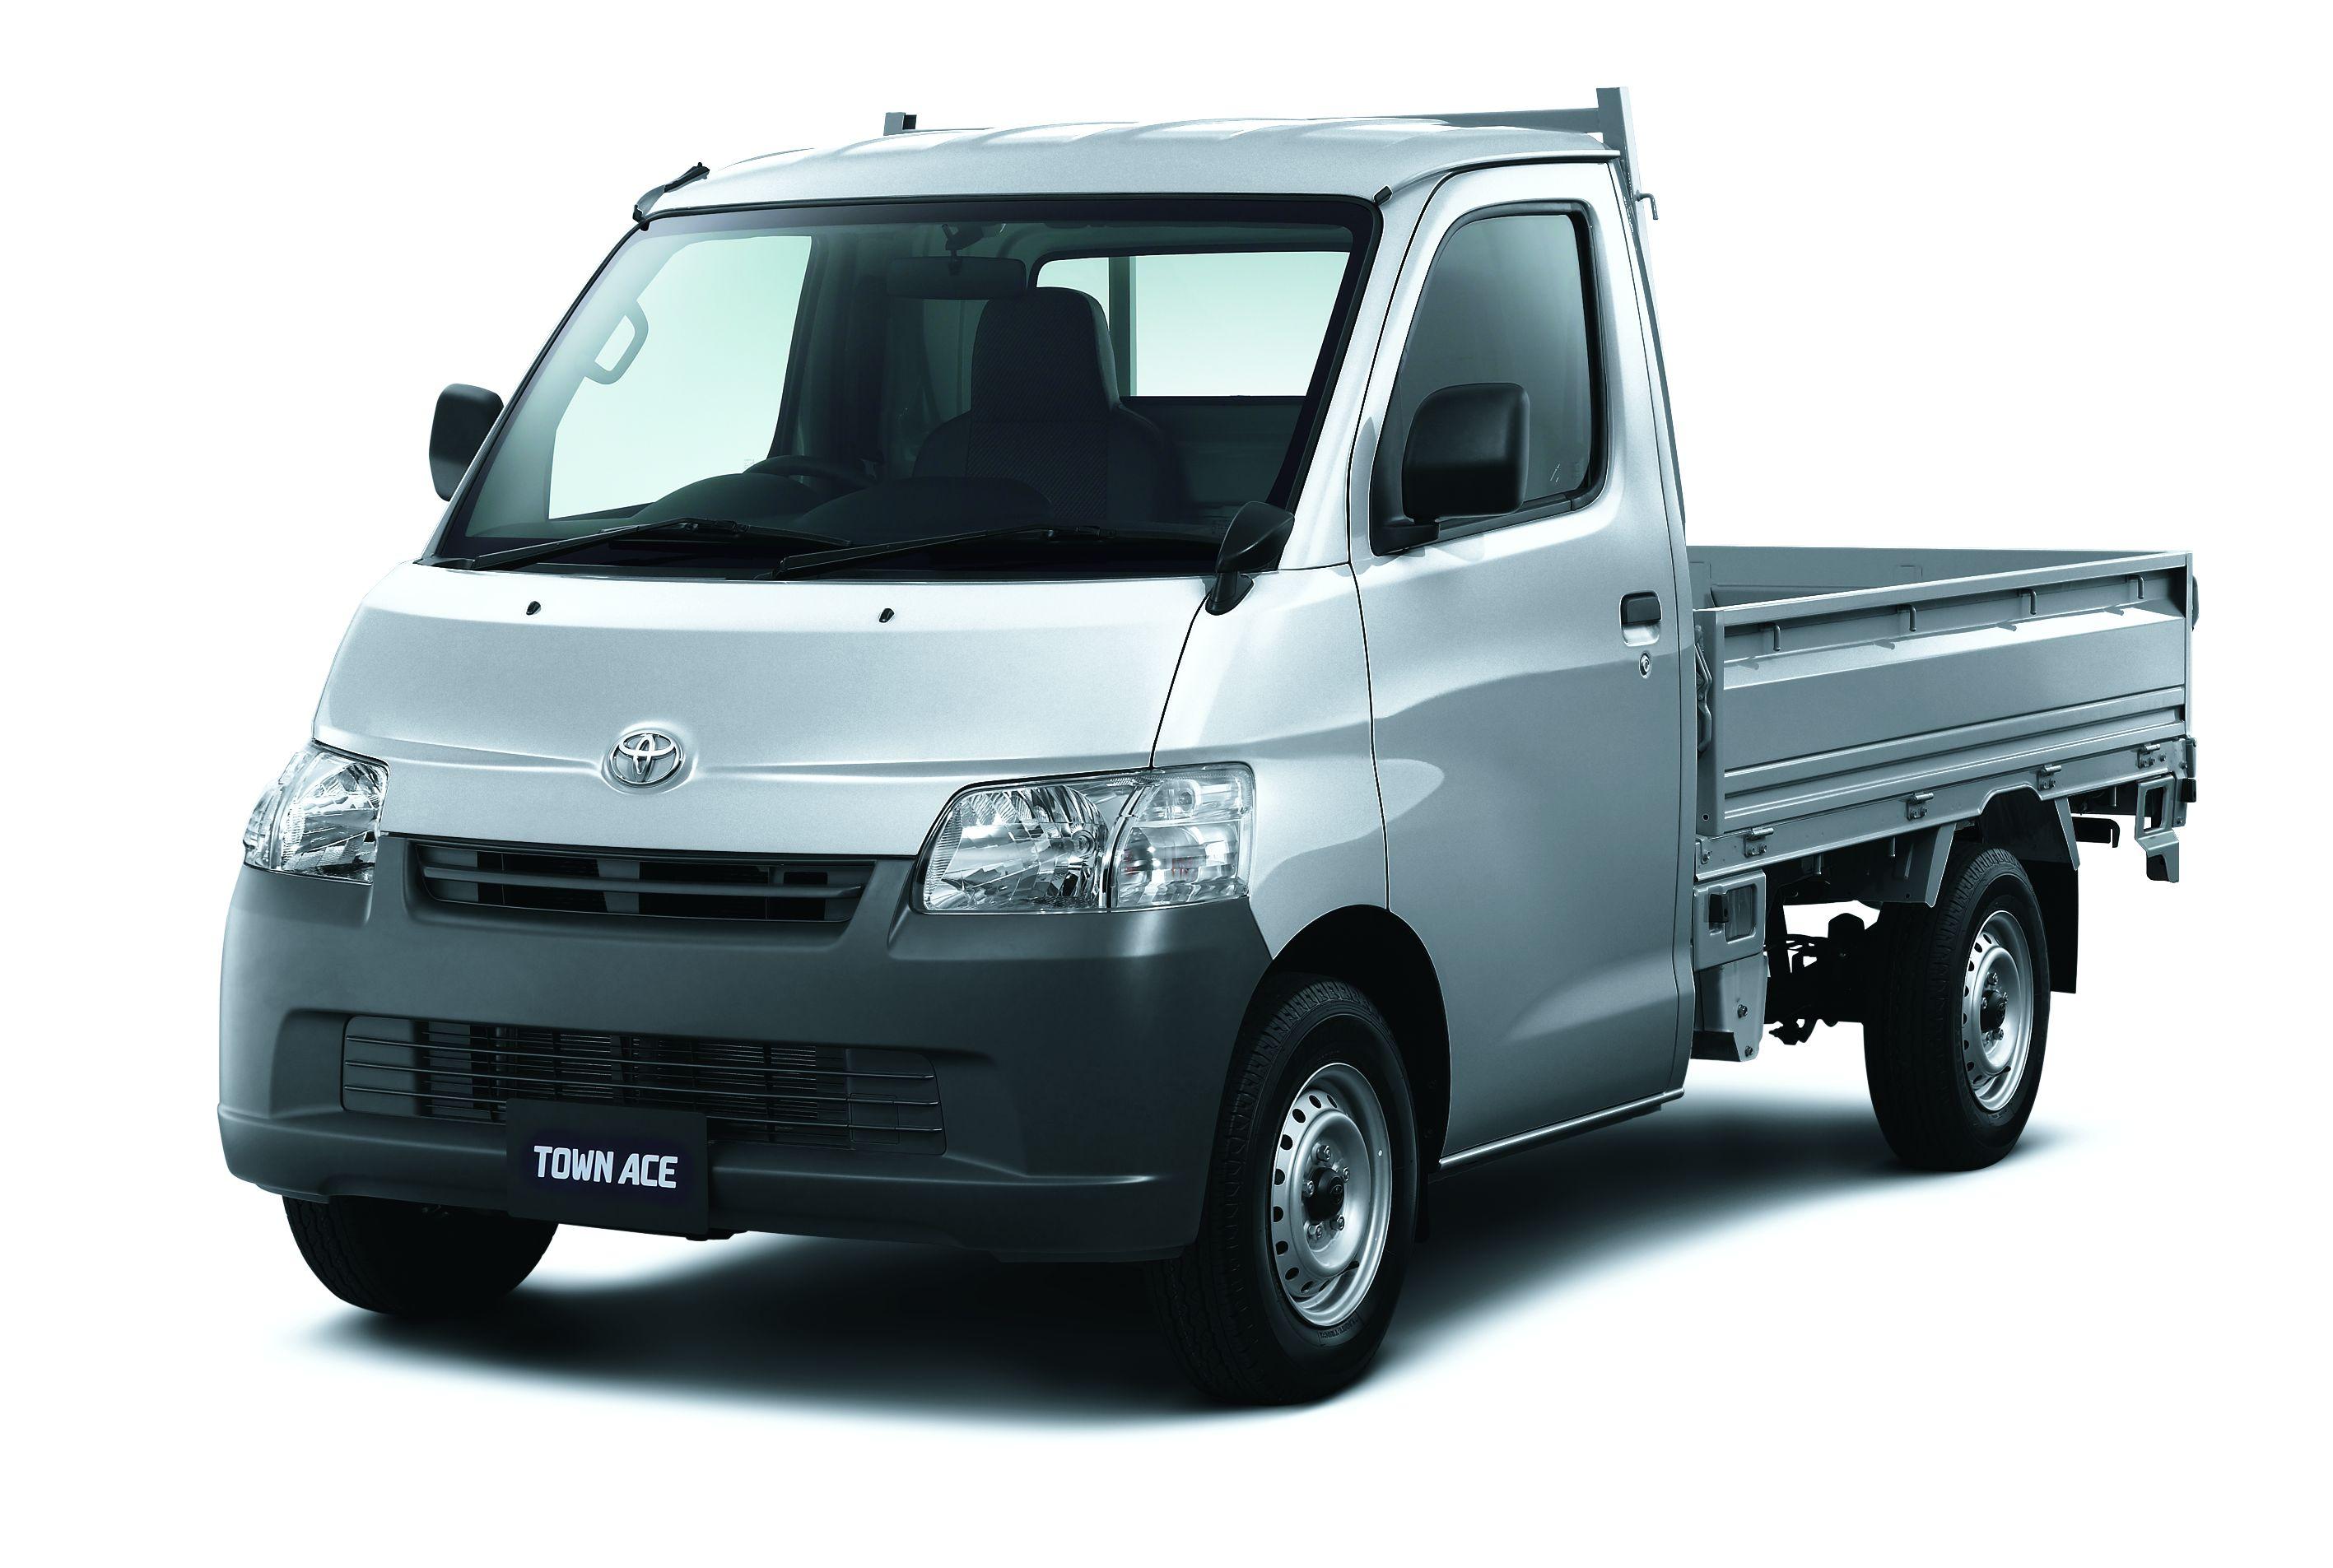 トヨタレンタカー百万遍店『[関東・中部・関西]早割30!10%割引きキャンペーン』